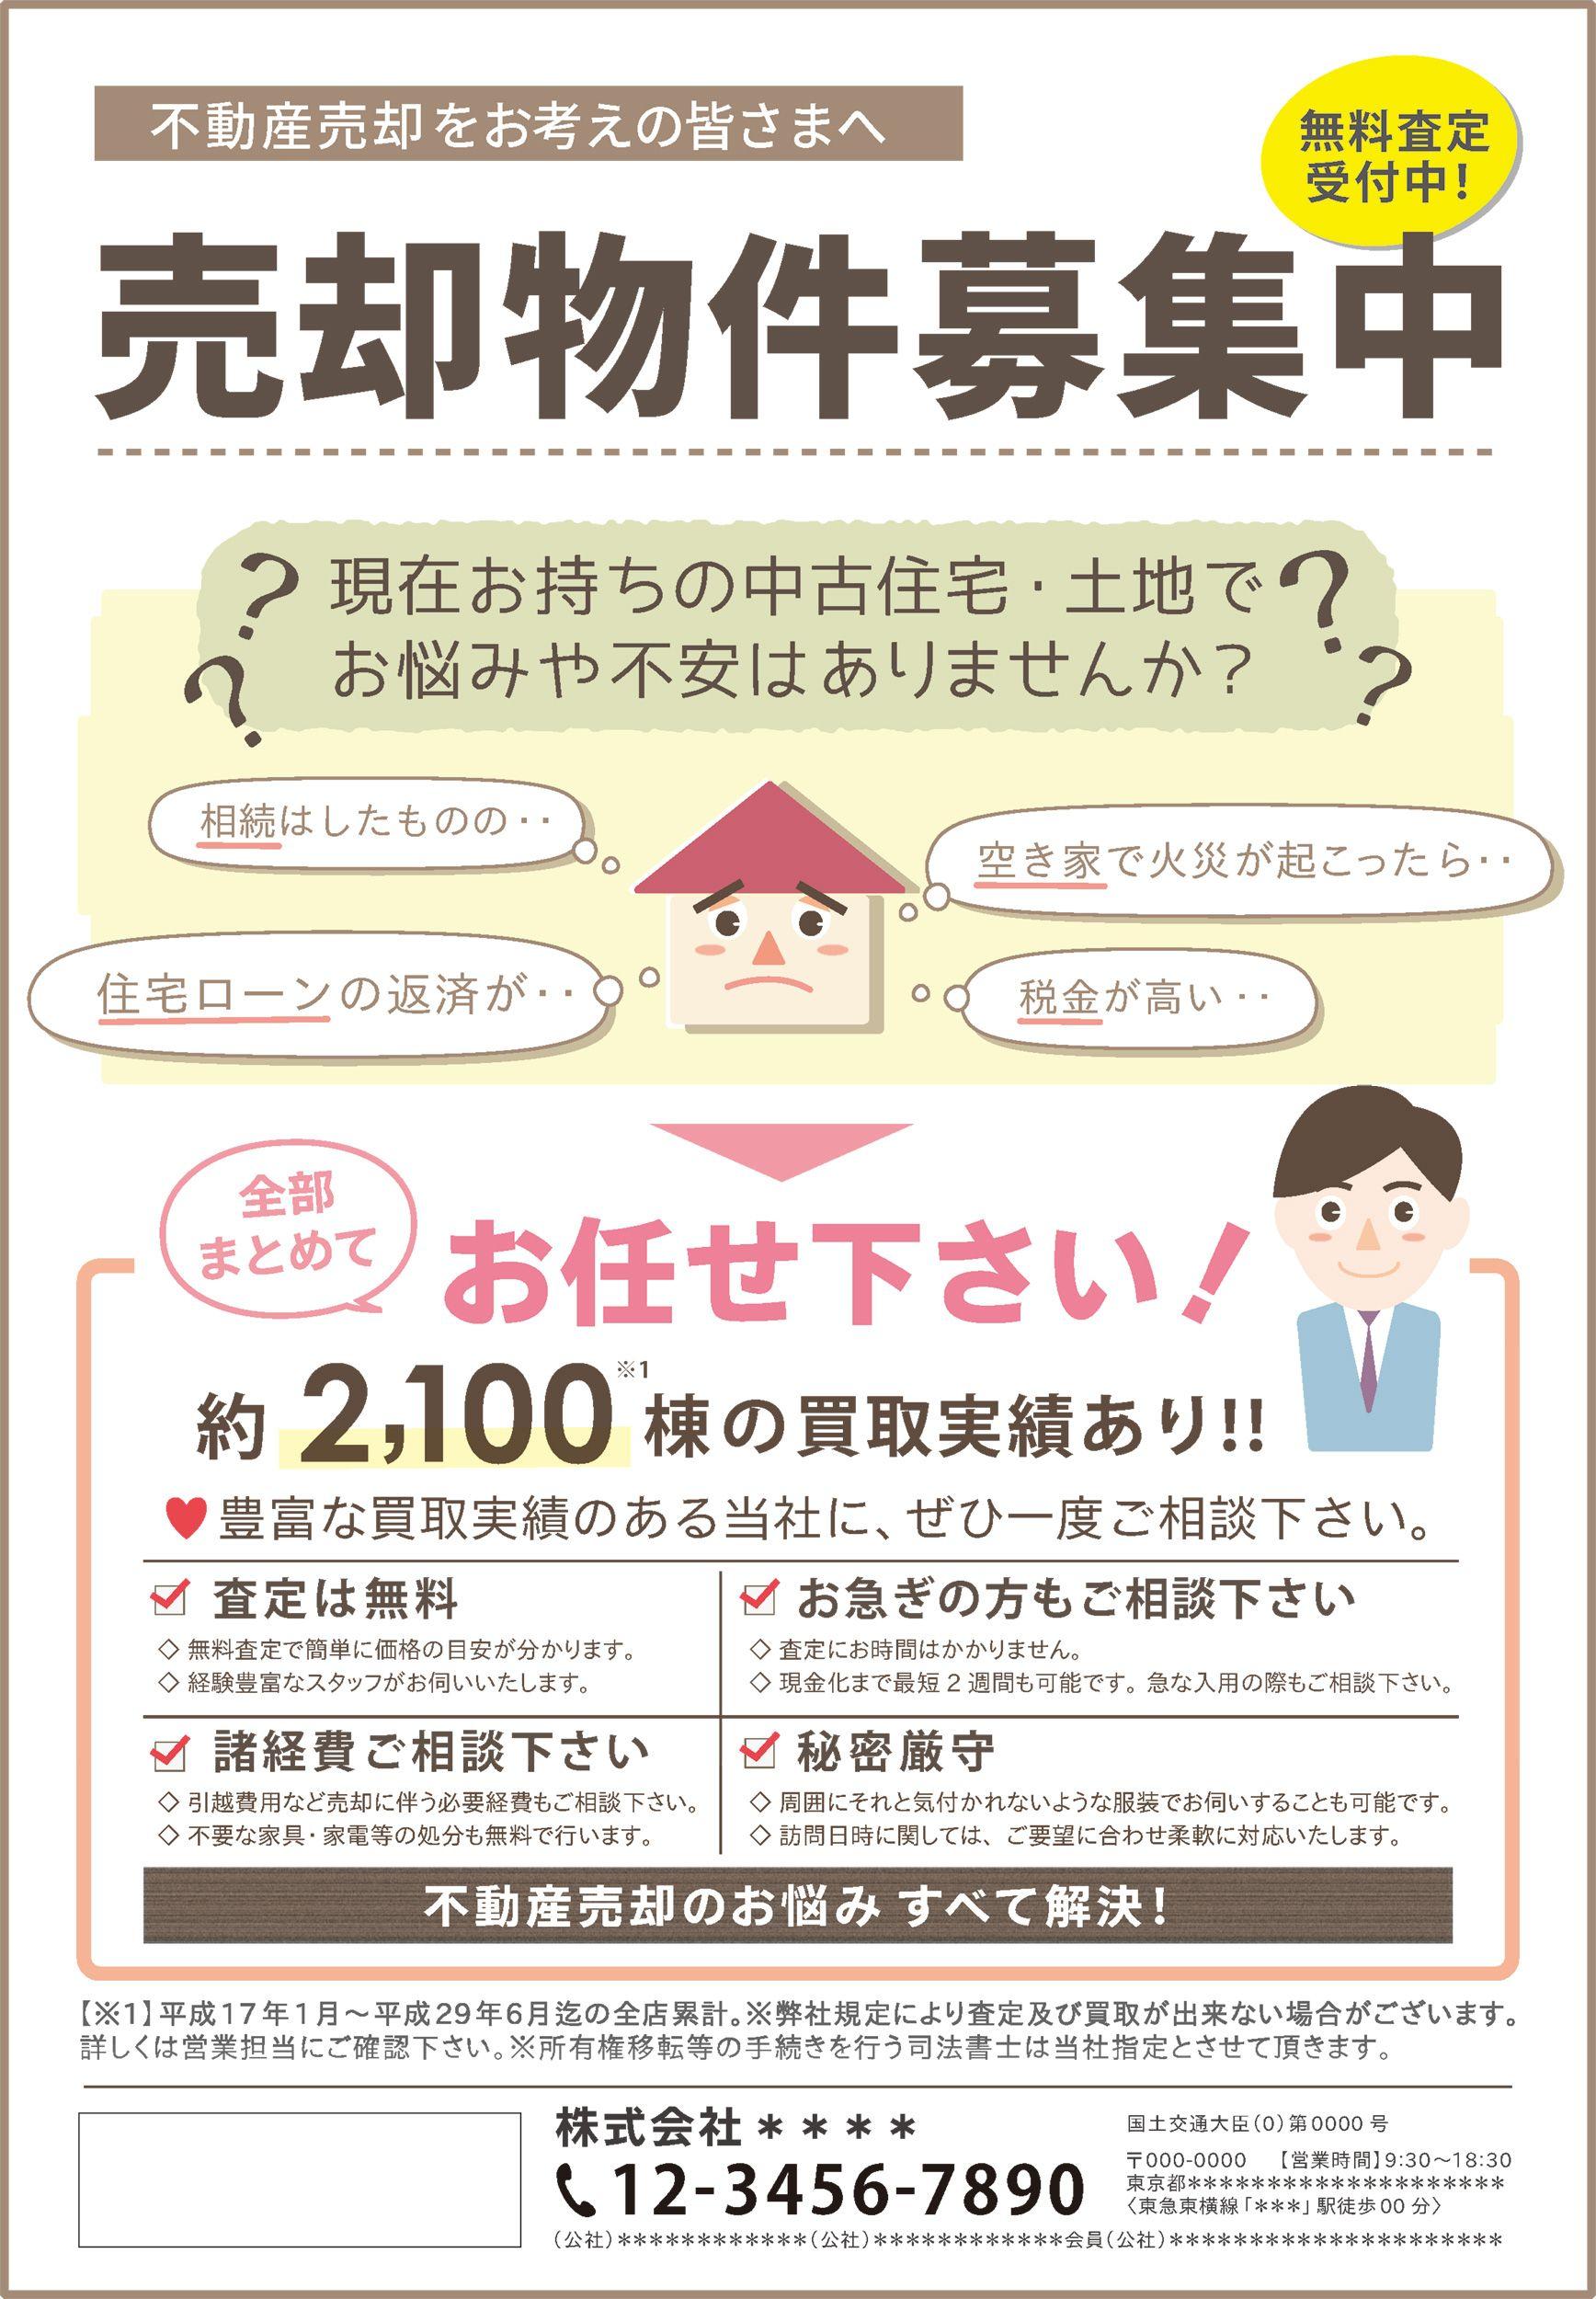 不動産買取広告 ポスターデザイン チラシ 広告デザイン